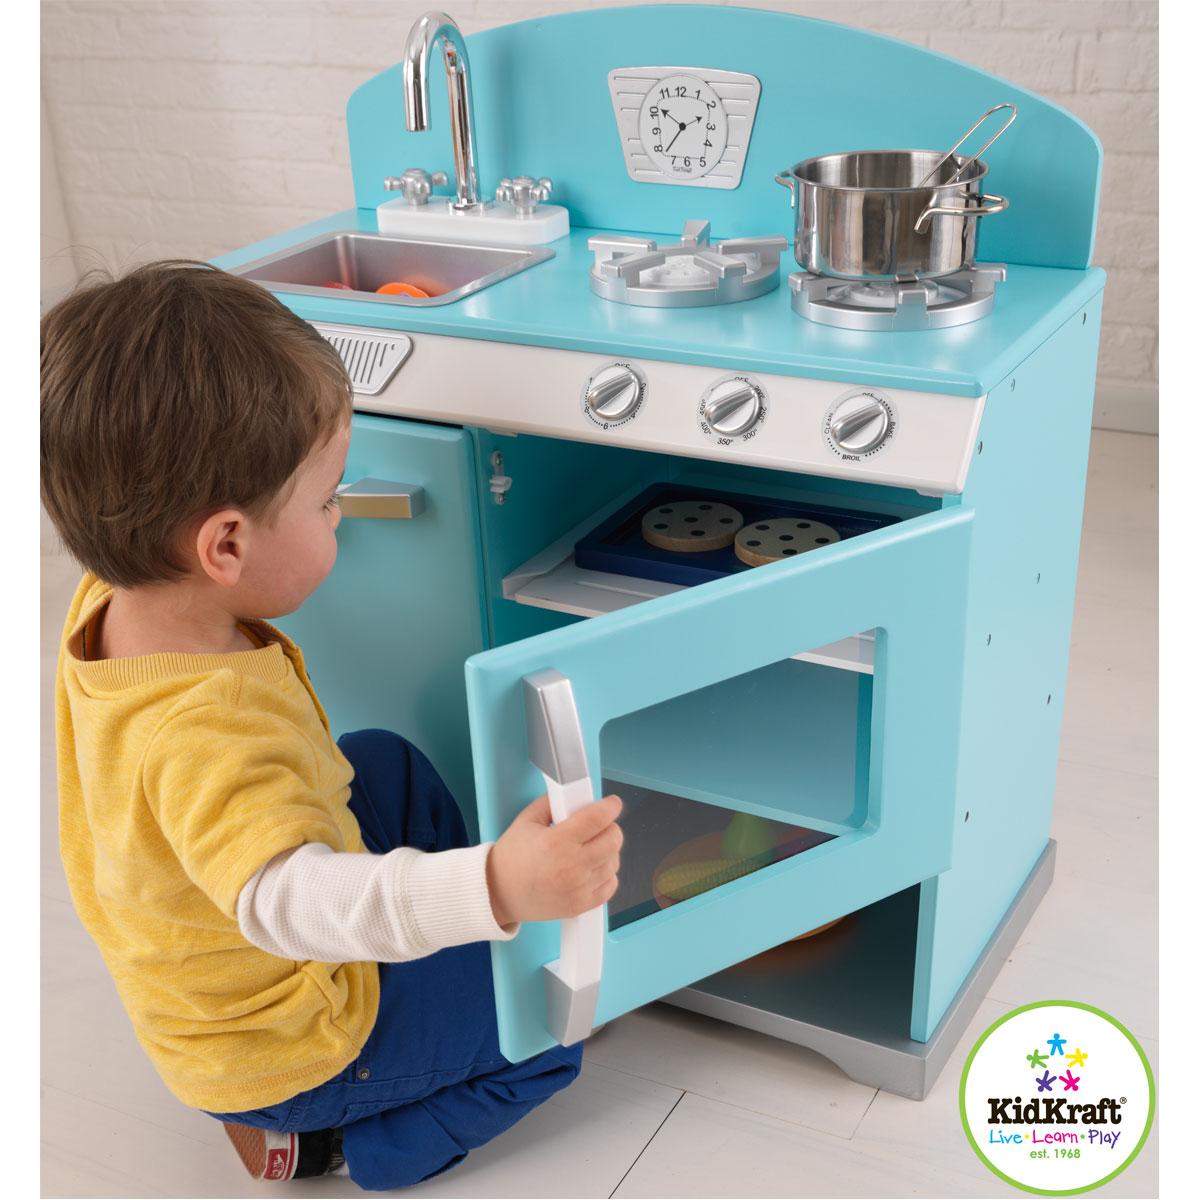 Kidkraft Kitchen Blue blue retro stove 53252